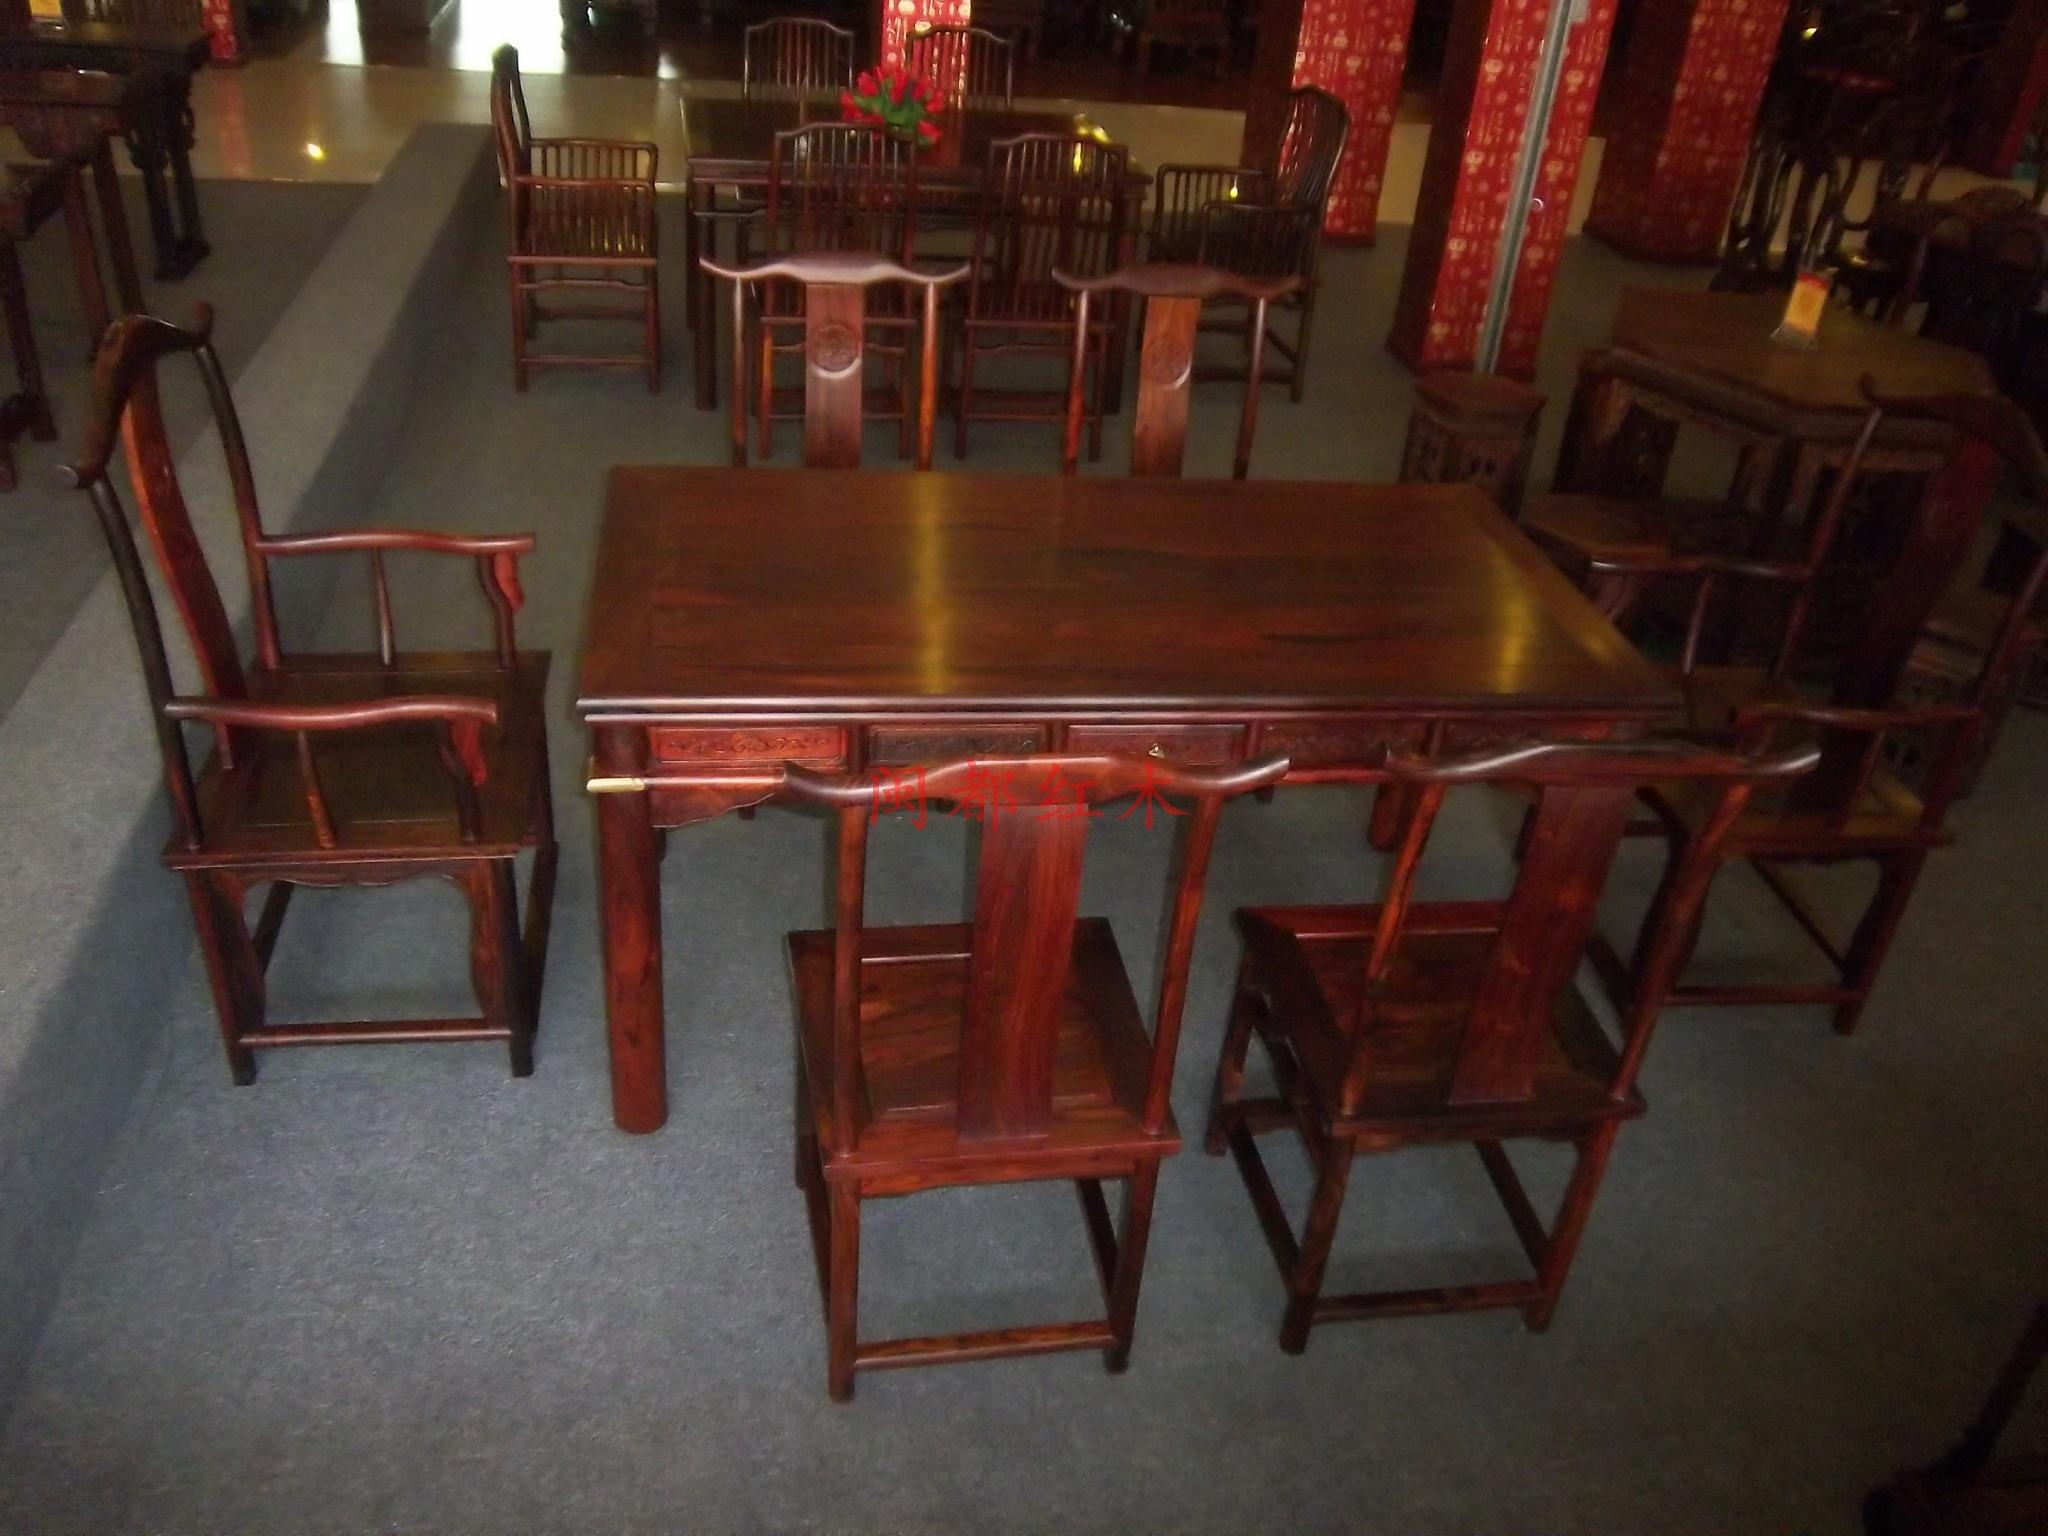 qq餐厅餐桌怎么取消_餐厅 餐桌 家具 装修 桌 桌椅 桌子 2048_1536